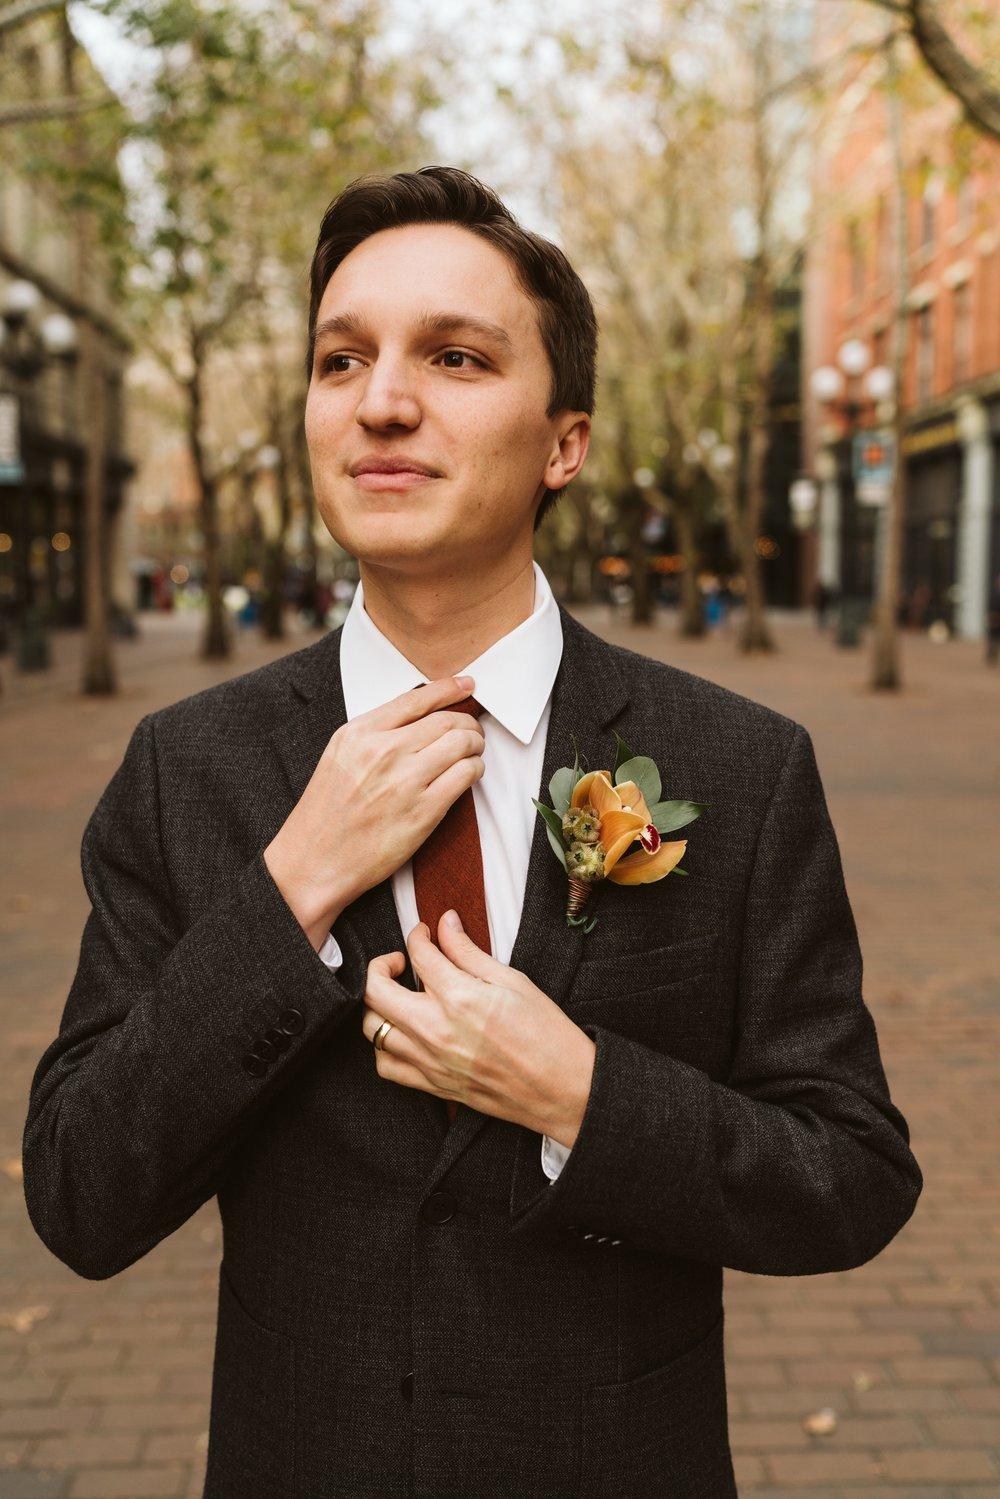 April Yentas Photography - Big Fake Wedding Seattle-235.jpg